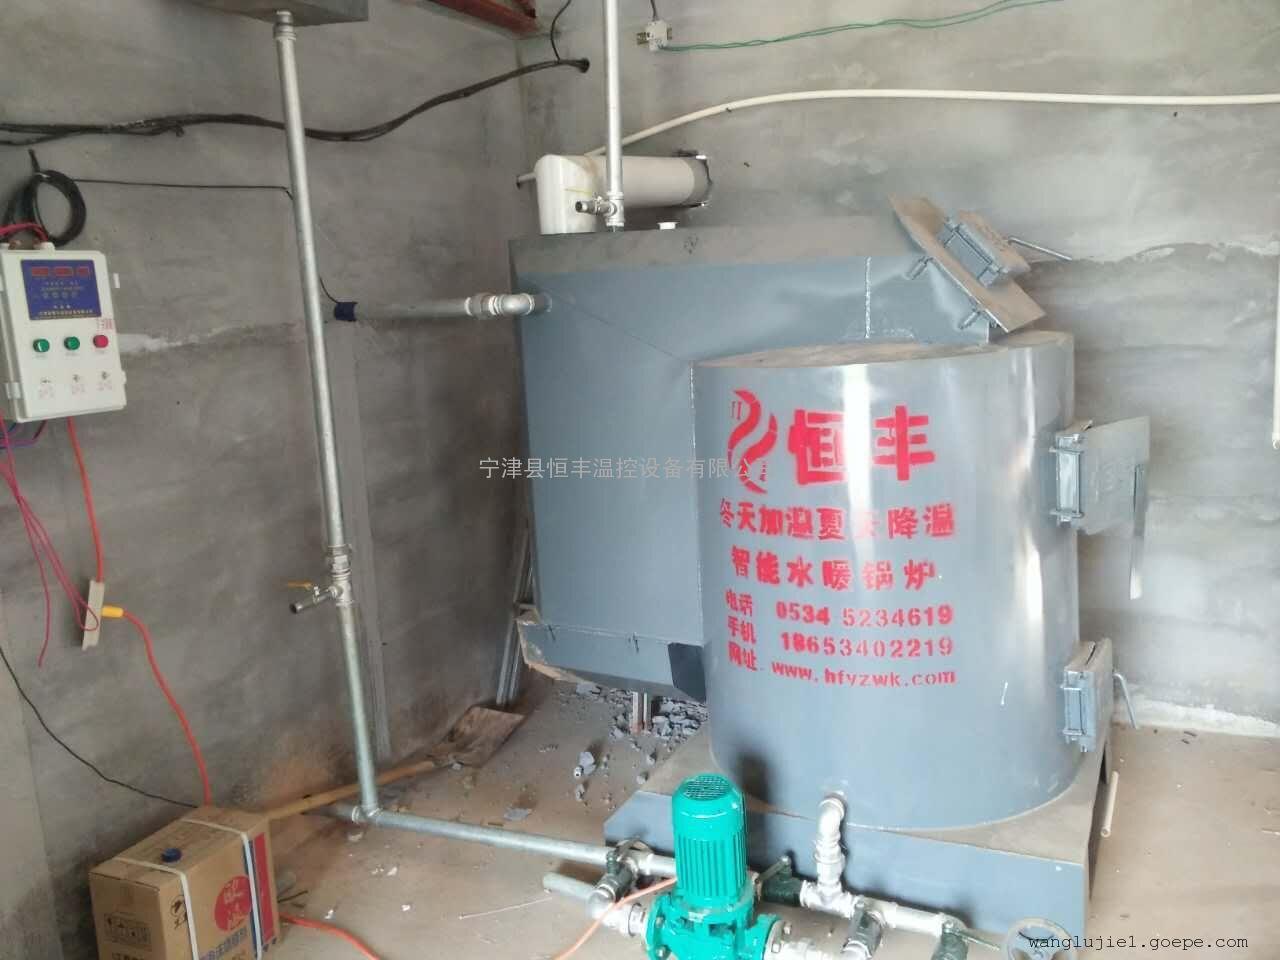 江西养殖供暖设备赣州市养殖升温锅炉四周无死角